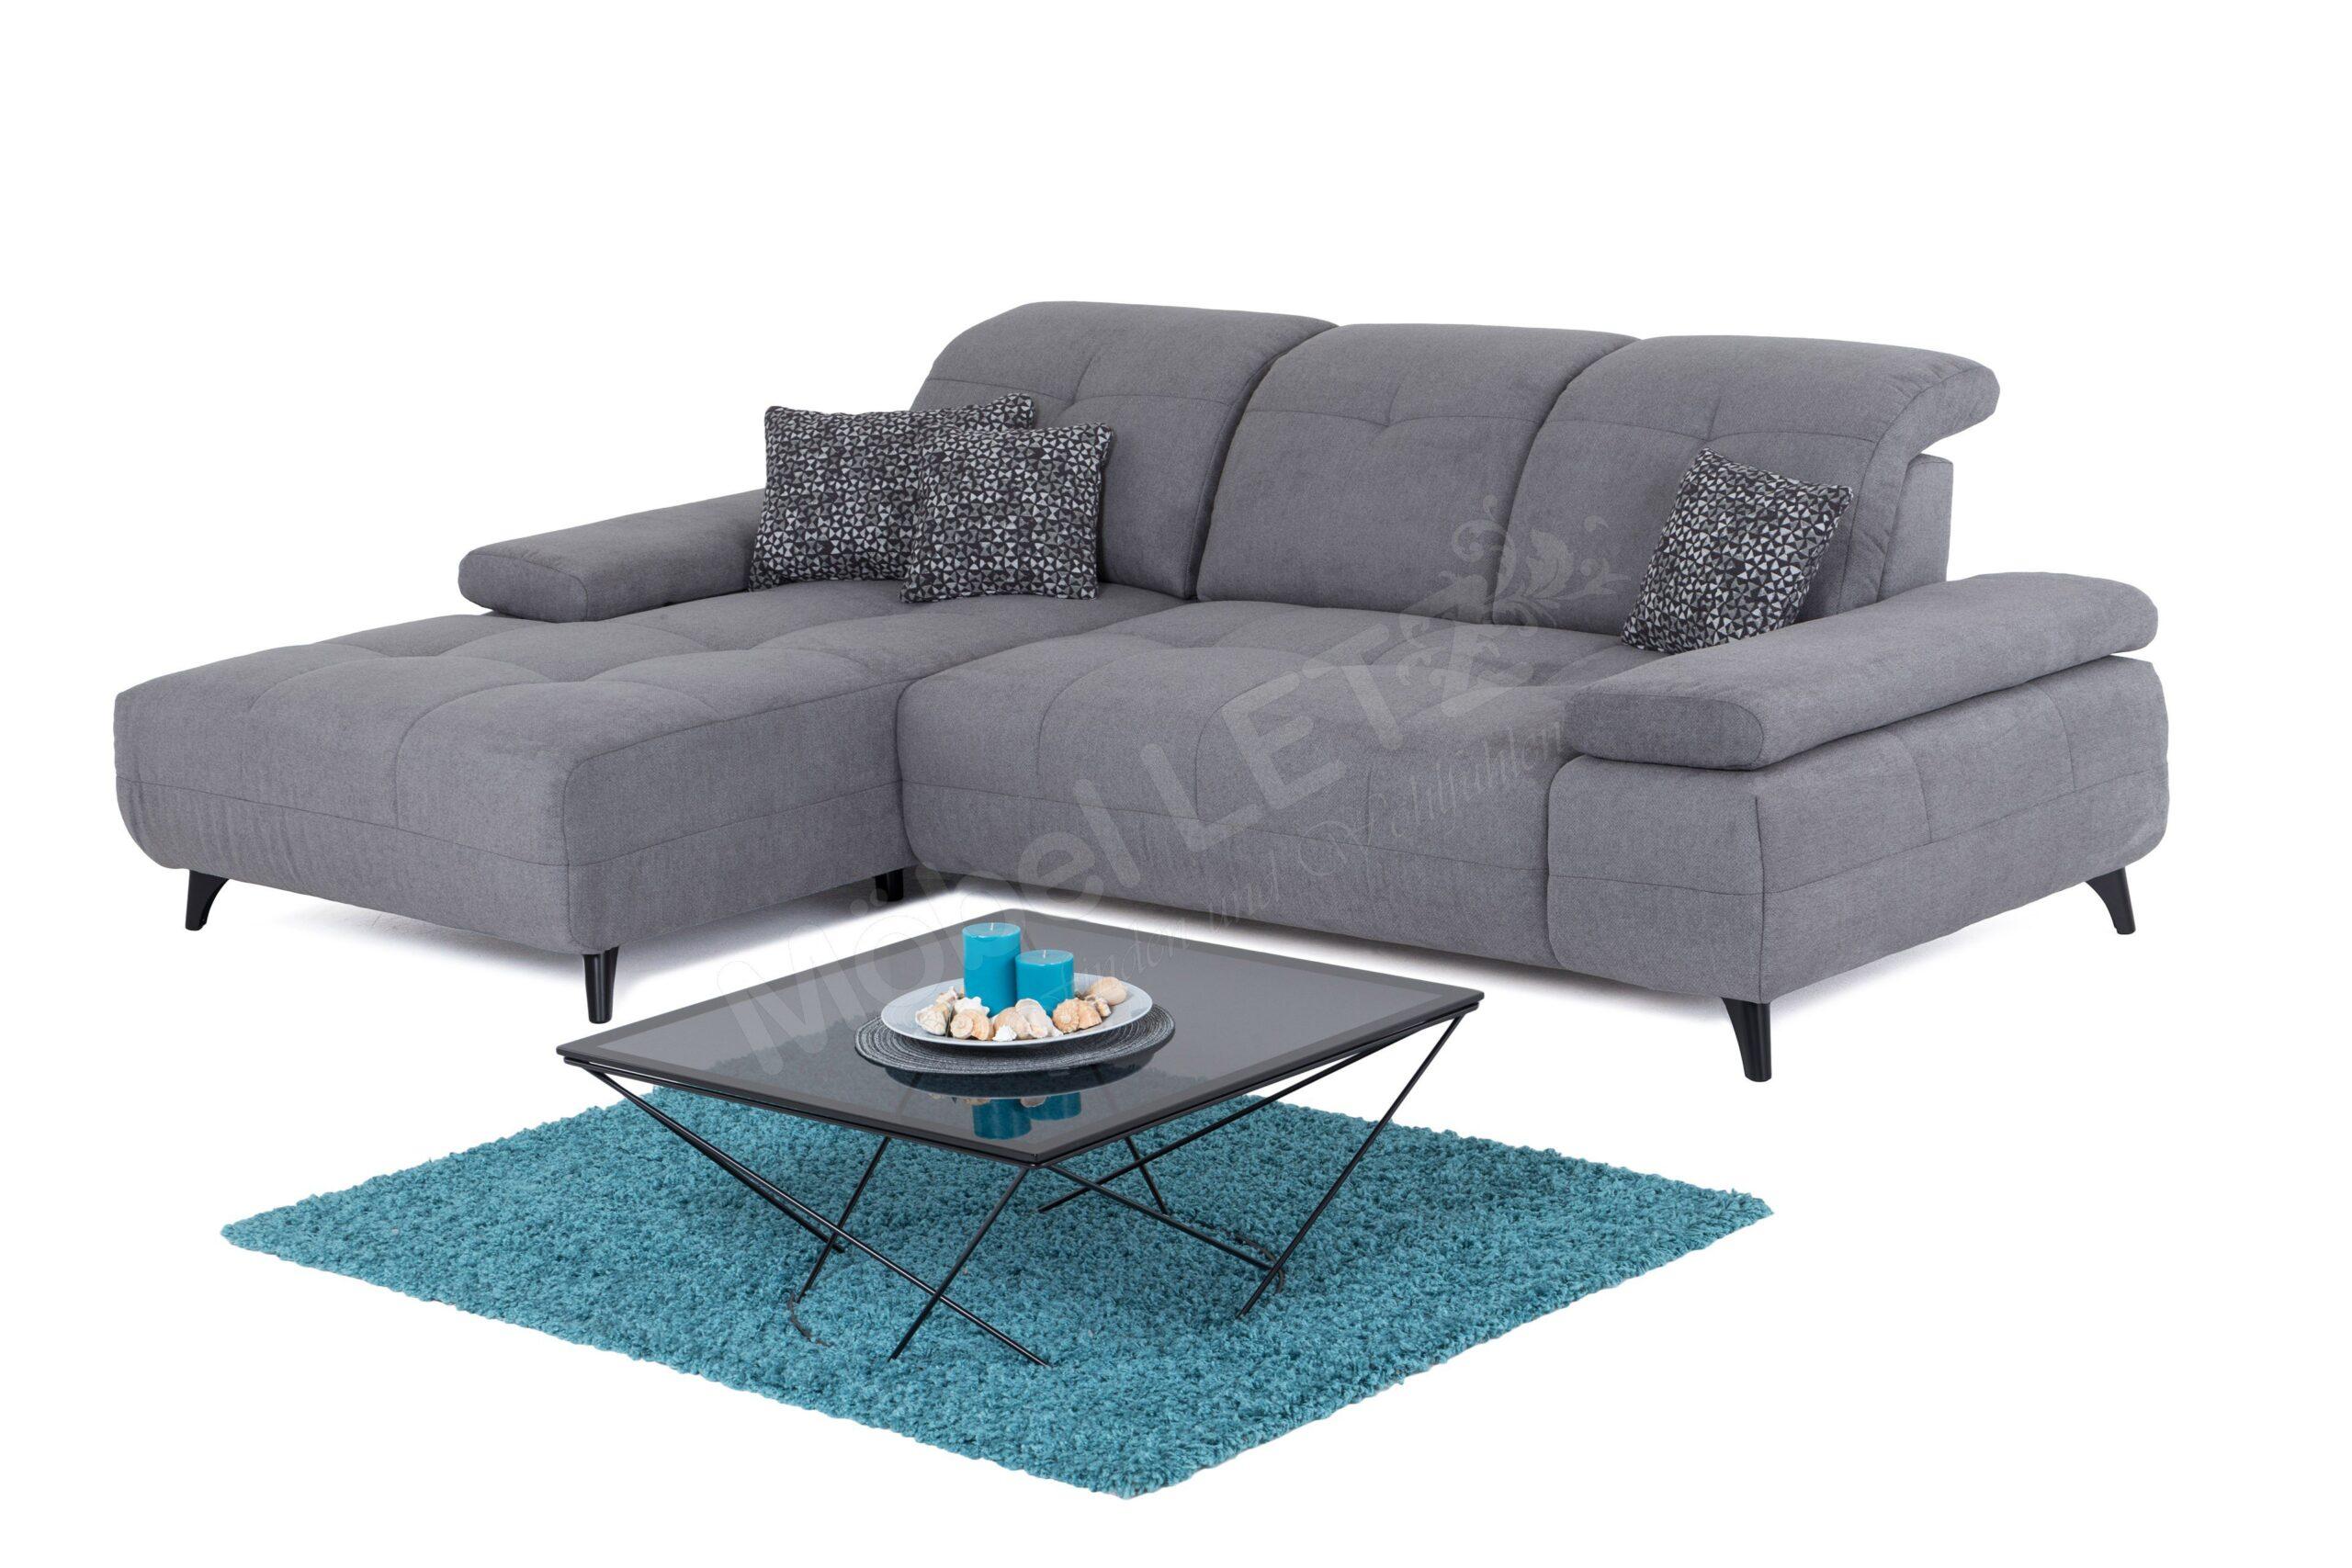 Full Size of Bartisch Poco Couch Beistelltisch Sofa Expedit Buche E2 80 93 Magiccubes Küche Betten Schlafzimmer Komplett Bett 140x200 Big Wohnzimmer Bartisch Poco